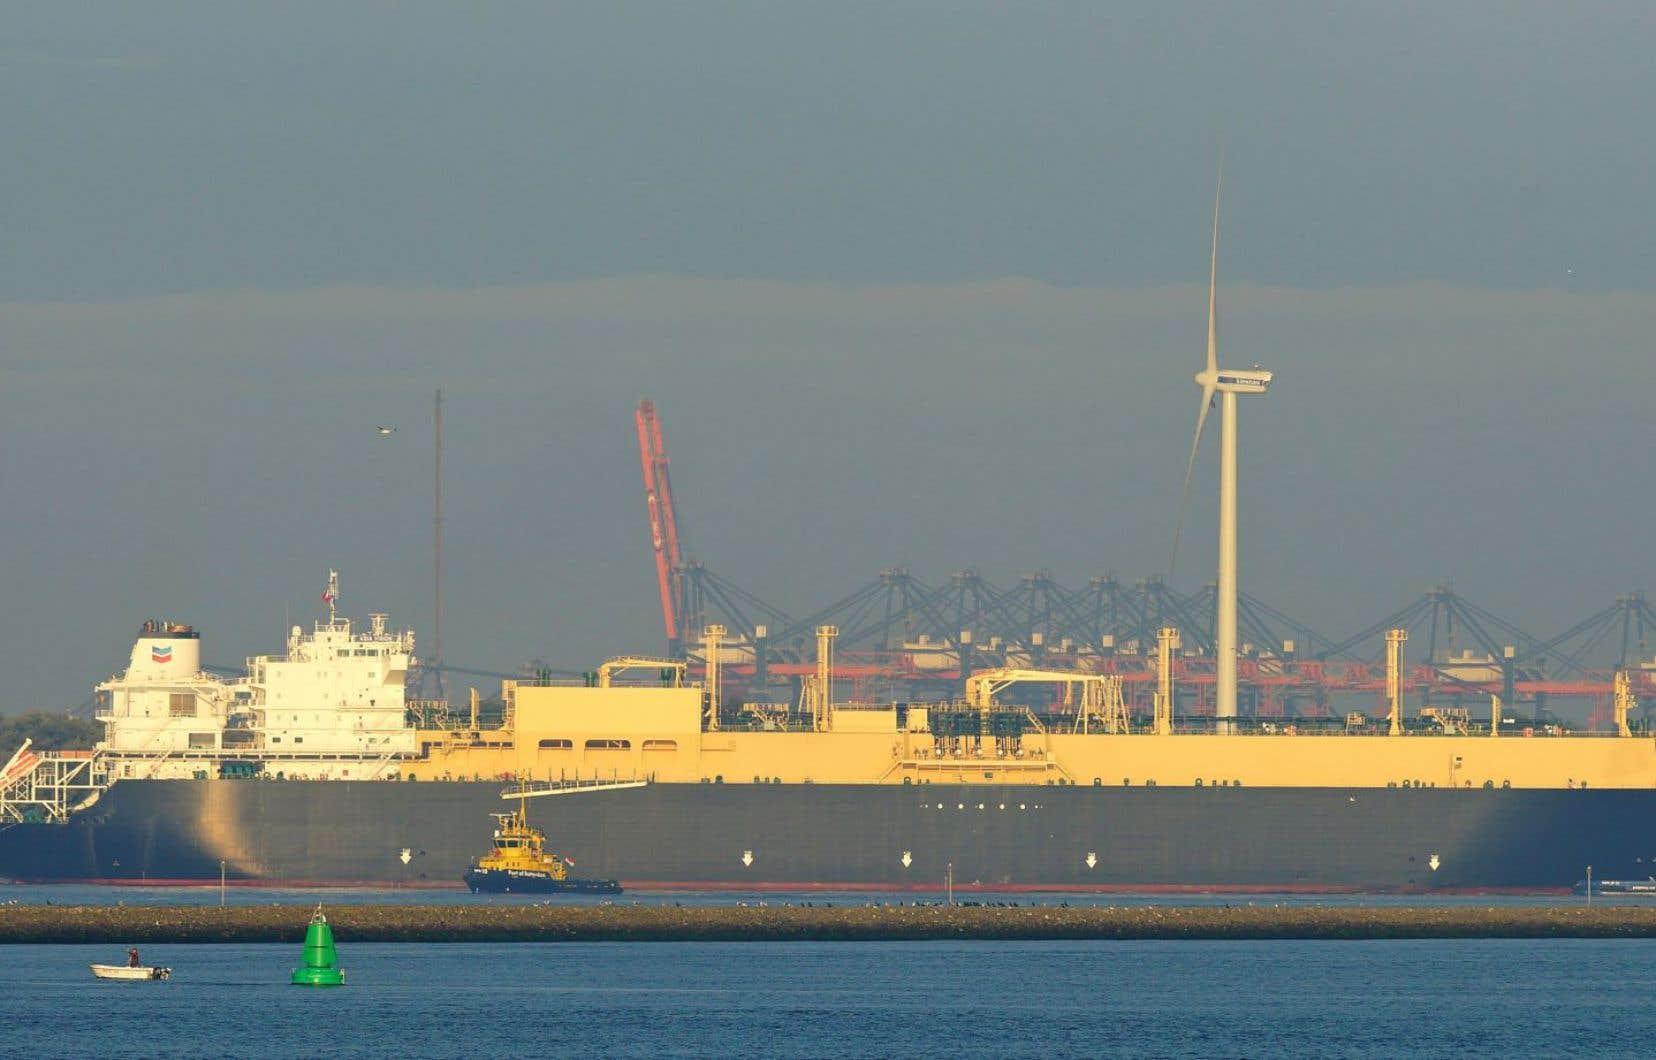 Les méthaniers transportant du gaz de schiste américain seront de plus en plus nombreux sur les mers du monde.